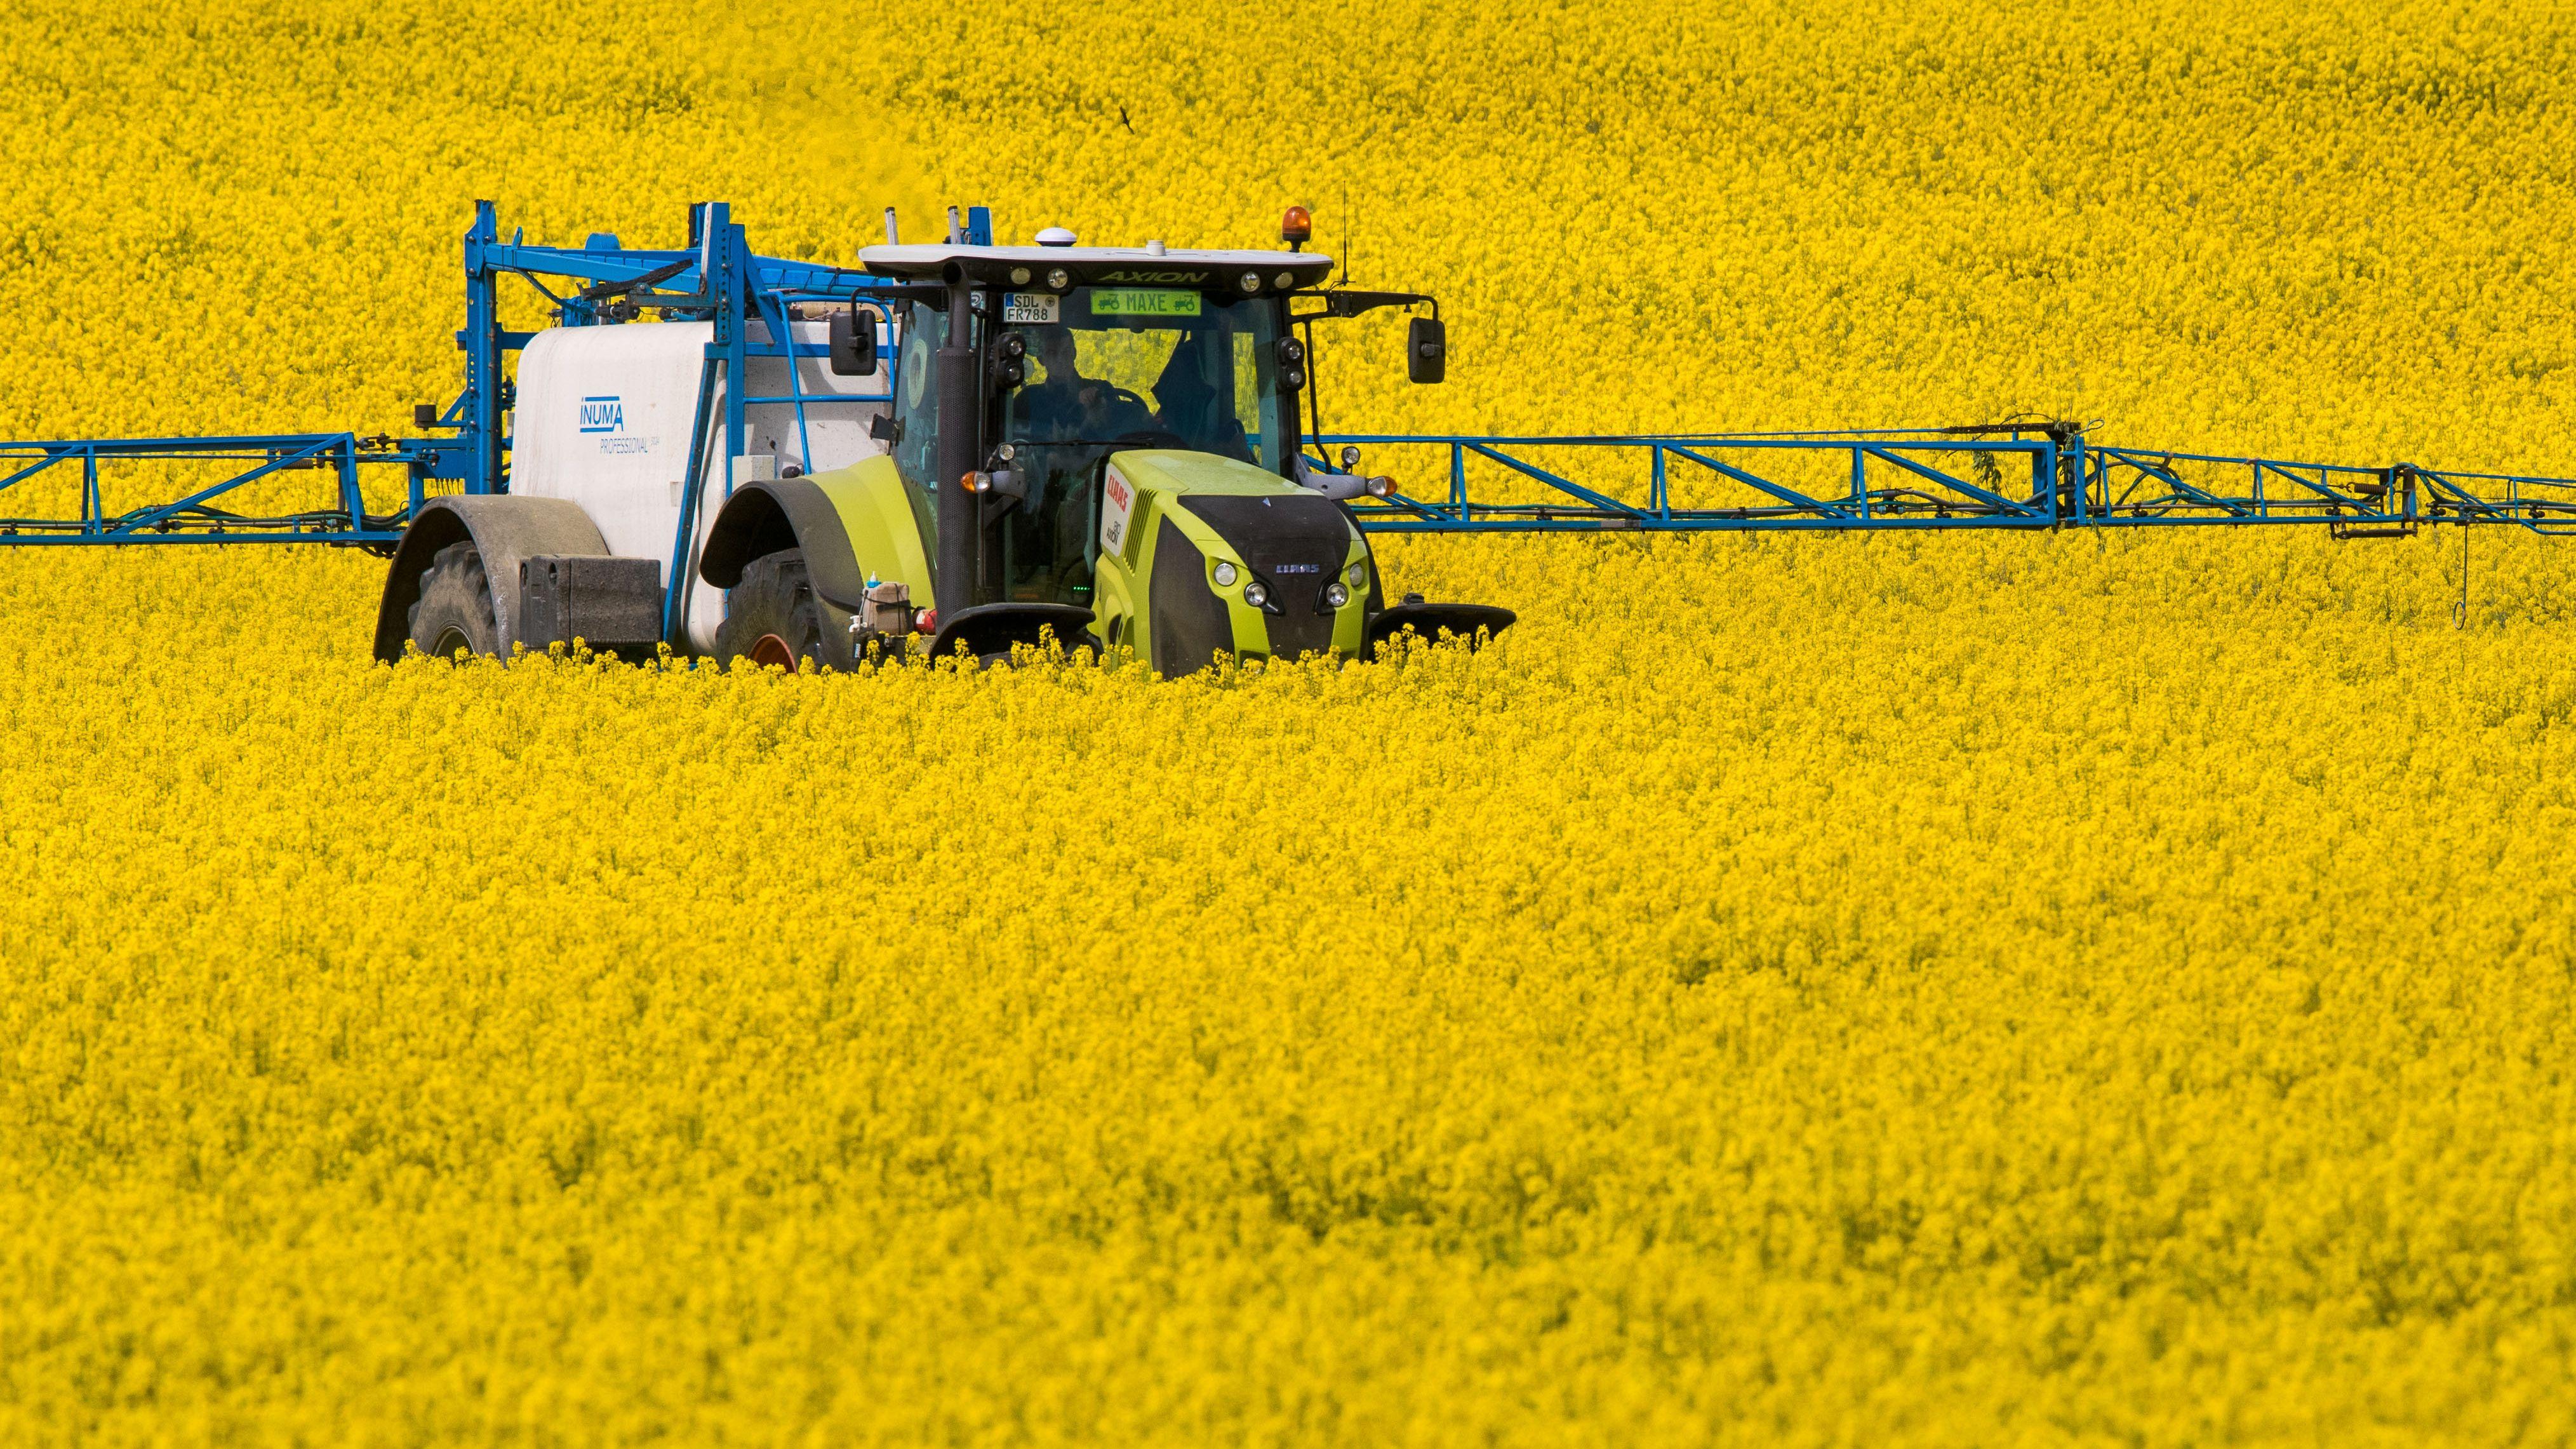 Ein Traktor zieht eine Pflanzenspritze durch ein Rapsfeld